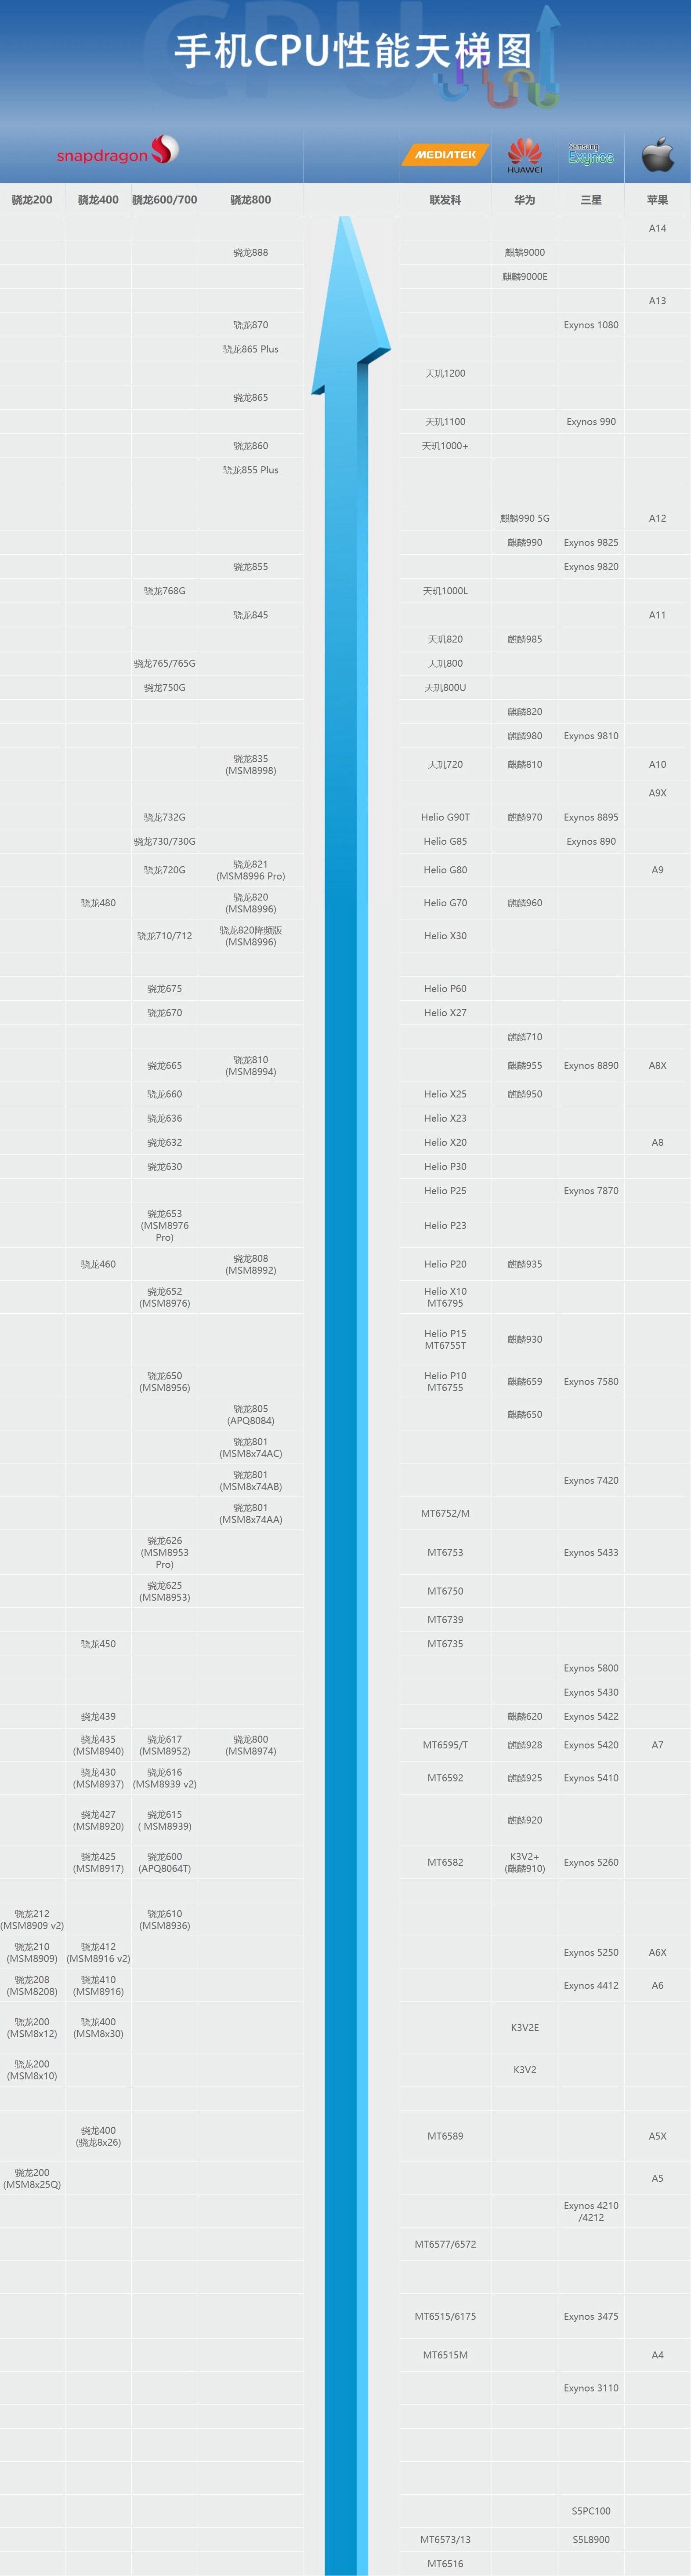 手机CPU天梯图2021年7月版 你的手机处理器排名高吗?